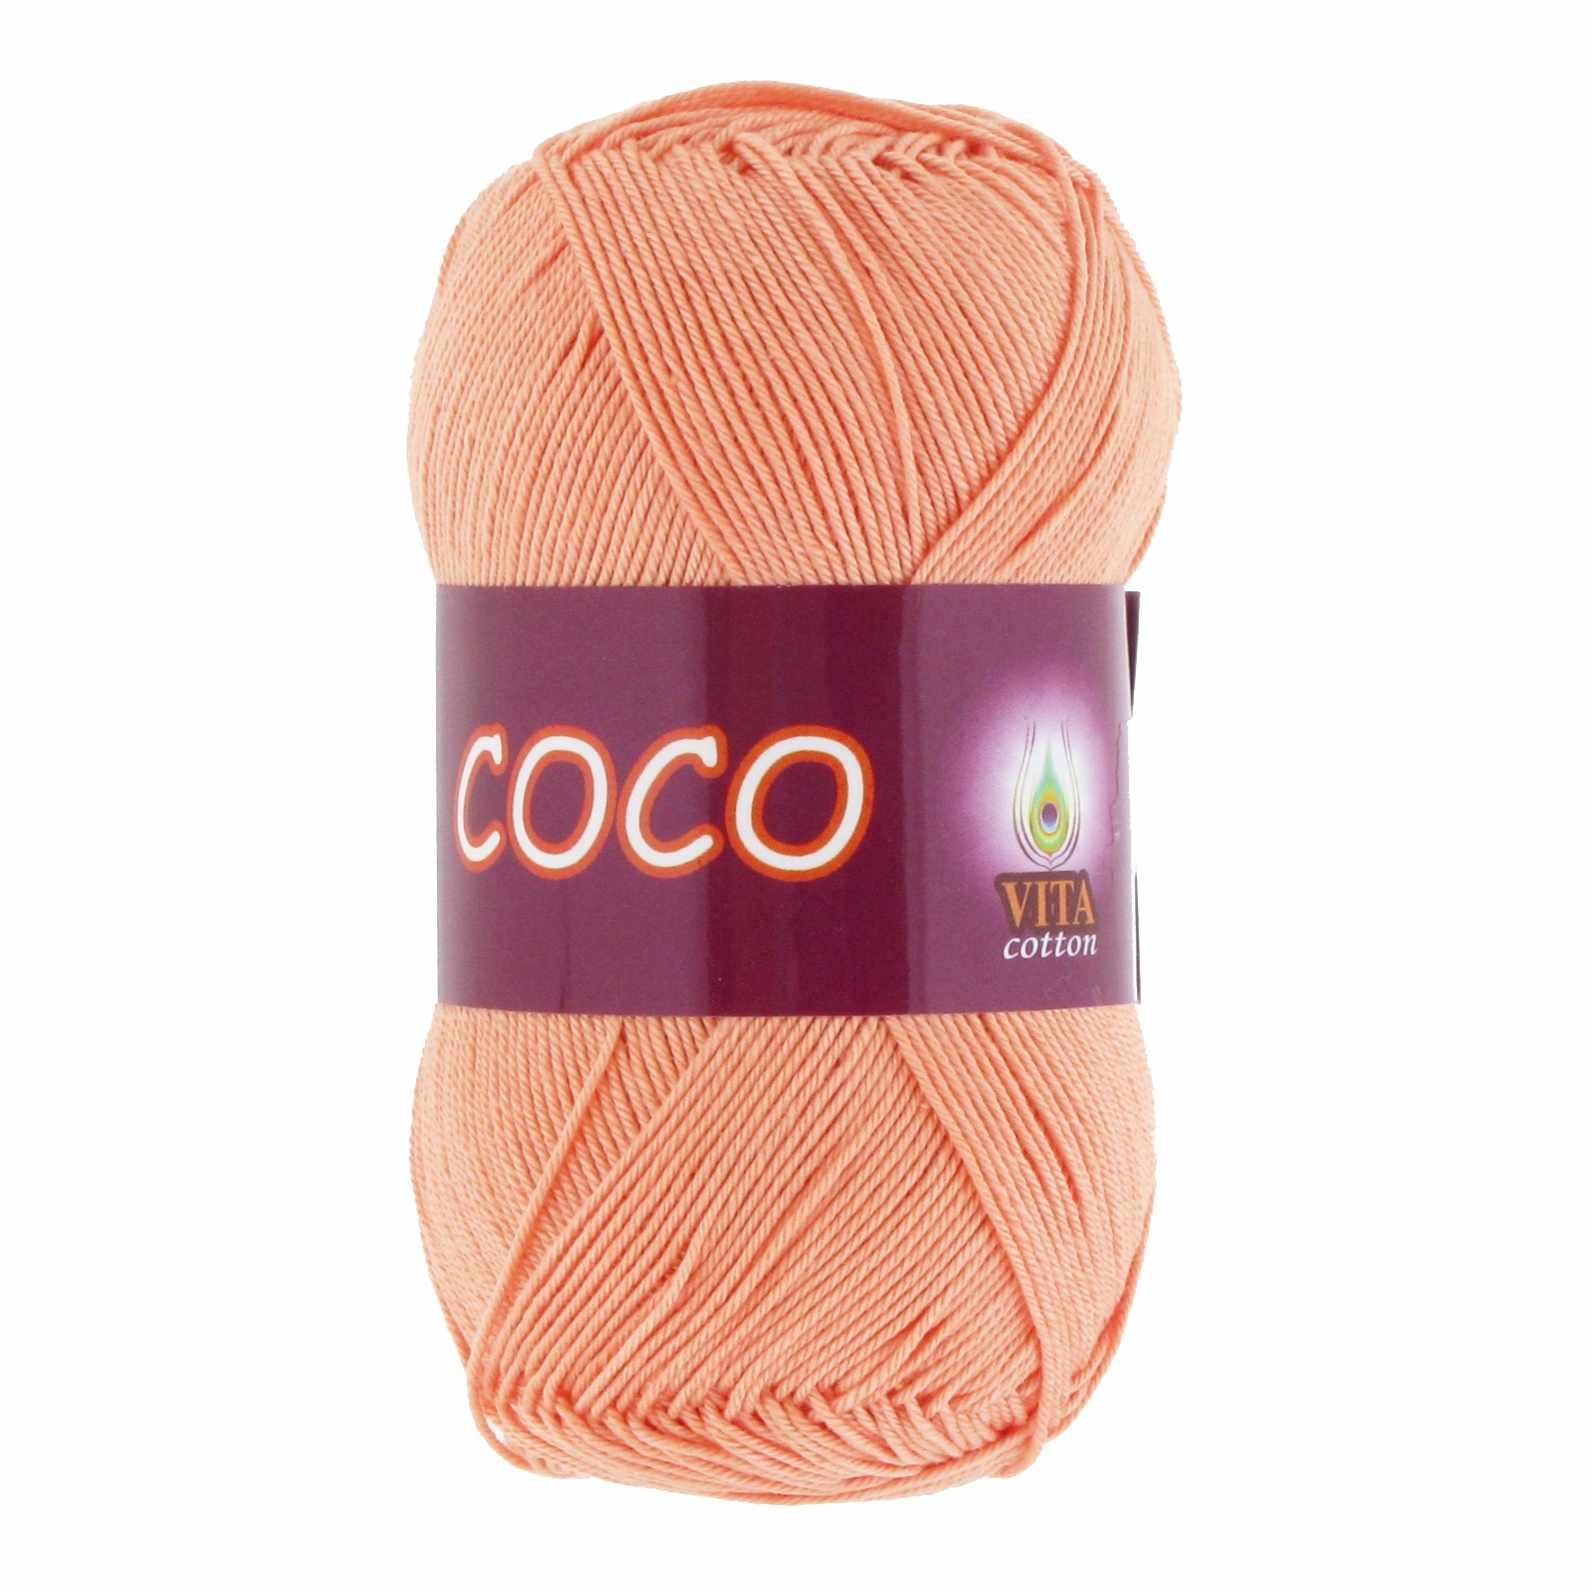 Пряжа VITA Coco Цвет.3883 Персиковый